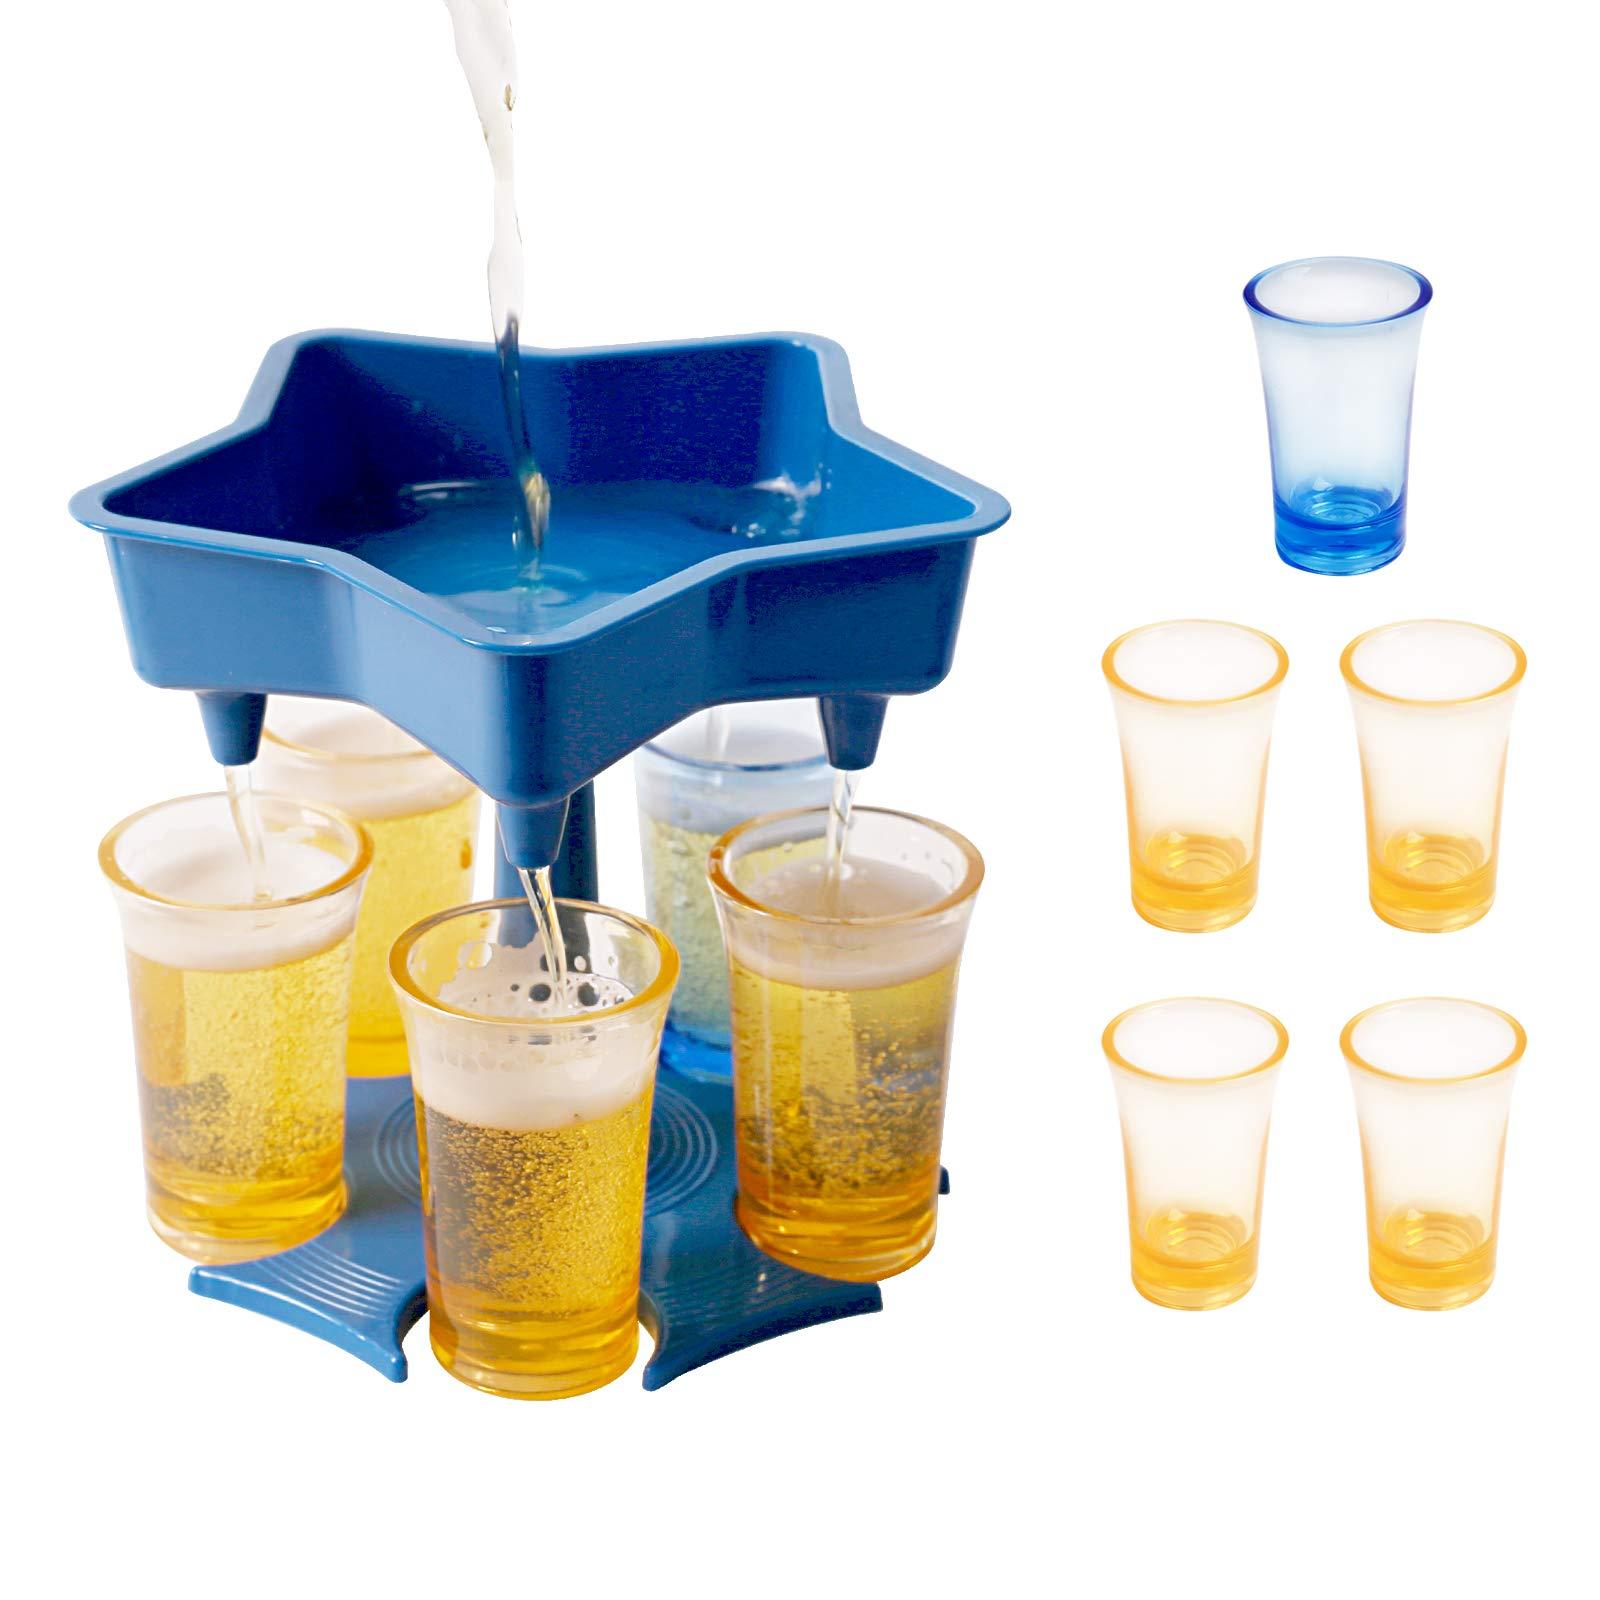 Shot Dispenser and Holder, Bar Shots Dispenser with Cups, Shot Buddy Dispenser for Filling Liquid/Drinks/Beverages, Liquor Dispenser Shot Pourer,Wine Cocktail Dispenser for Weekend Drinking Game Party